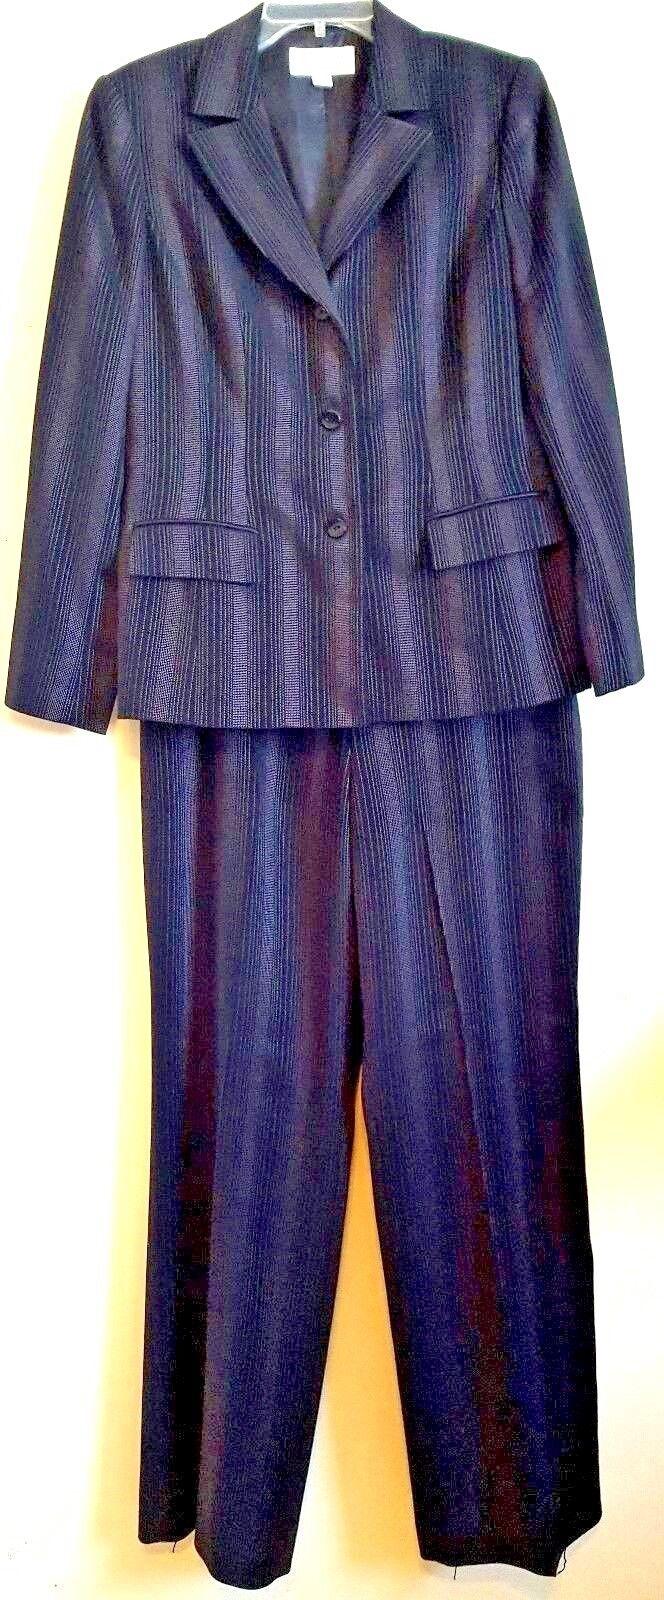 LIZ CLAIBORNE SUITS RN 52438 Women's 2-Piece Pin-Stripe Lined Pant Suit Size  12